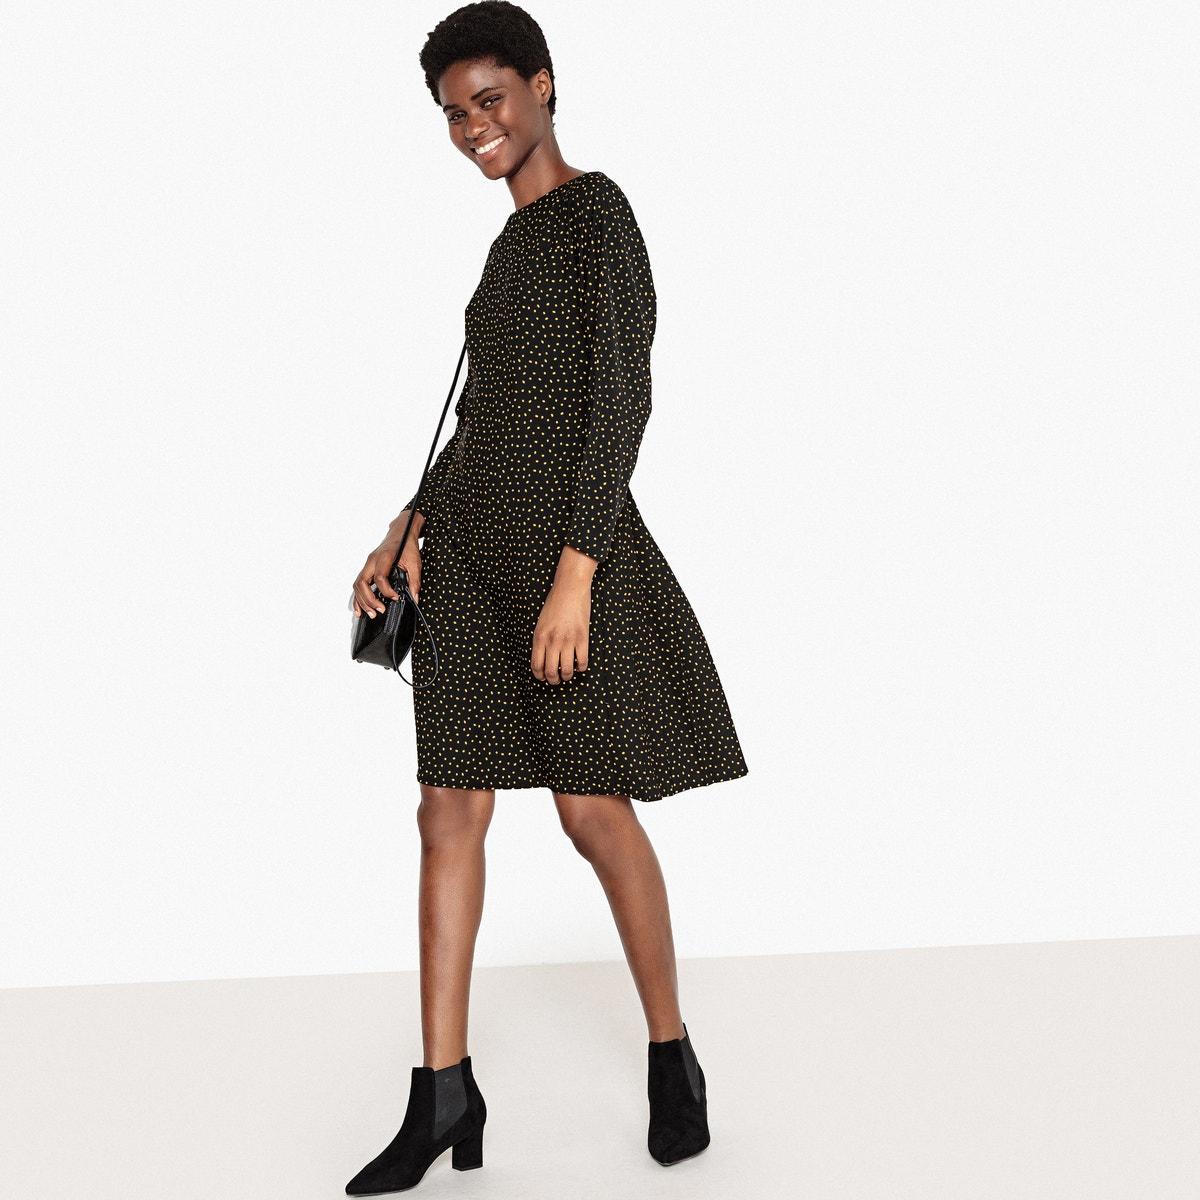 Φόρεμα με πλισέ πλάτη και εφέ ζώνης γυναικα   φορέματα   μακριά ή 3 4 μανίκια